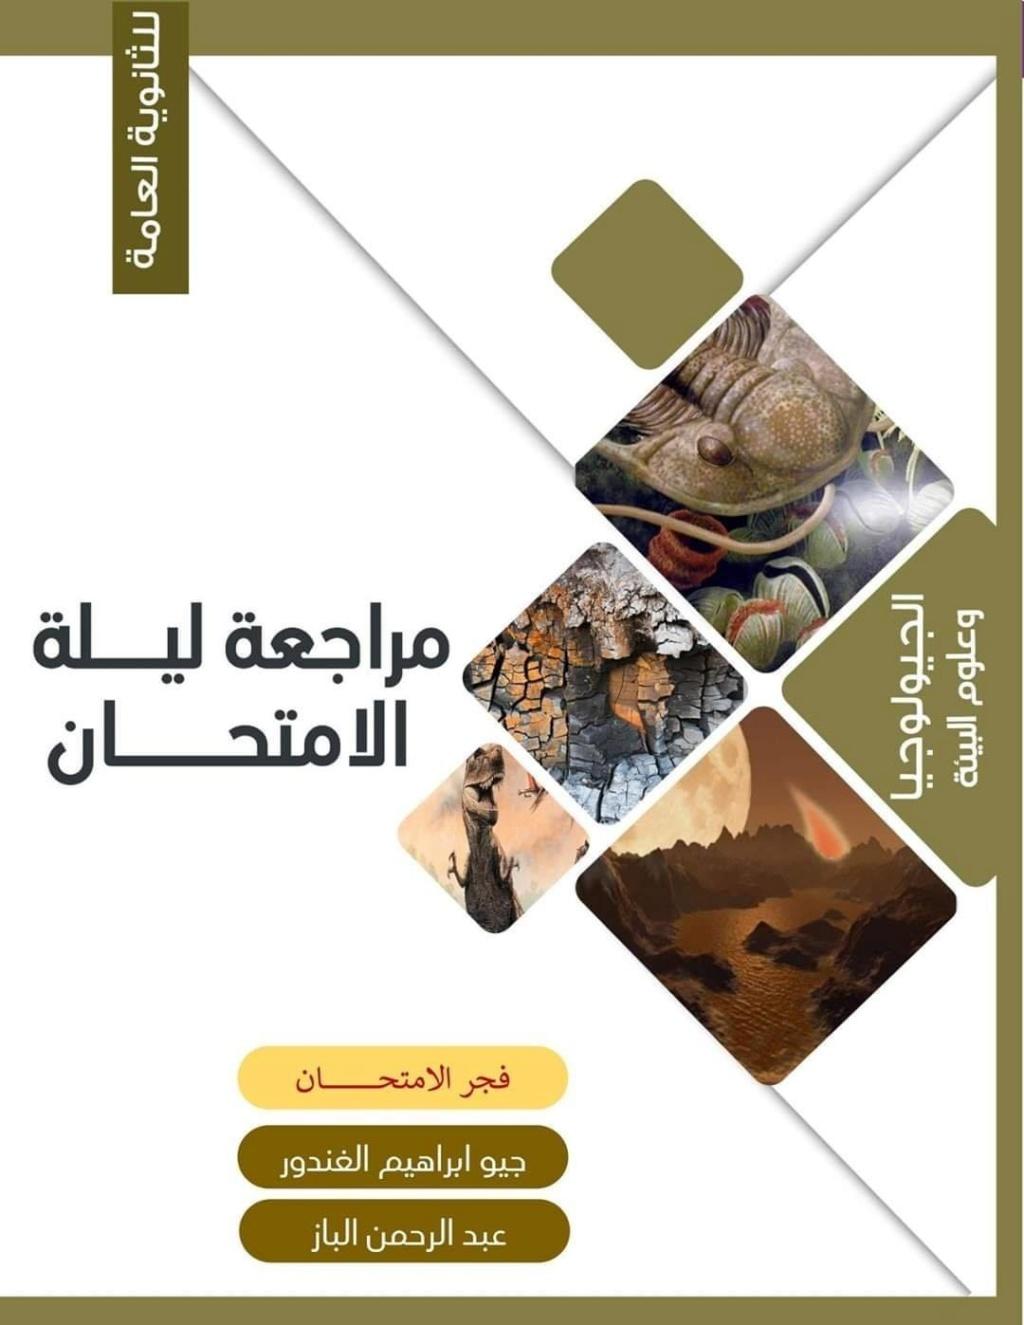 مراجعة أهم الأفكار التي لا يخلو منها امتحان الجيولوجيا للثانوية العامة أ. إبراهيم الغندور  11942